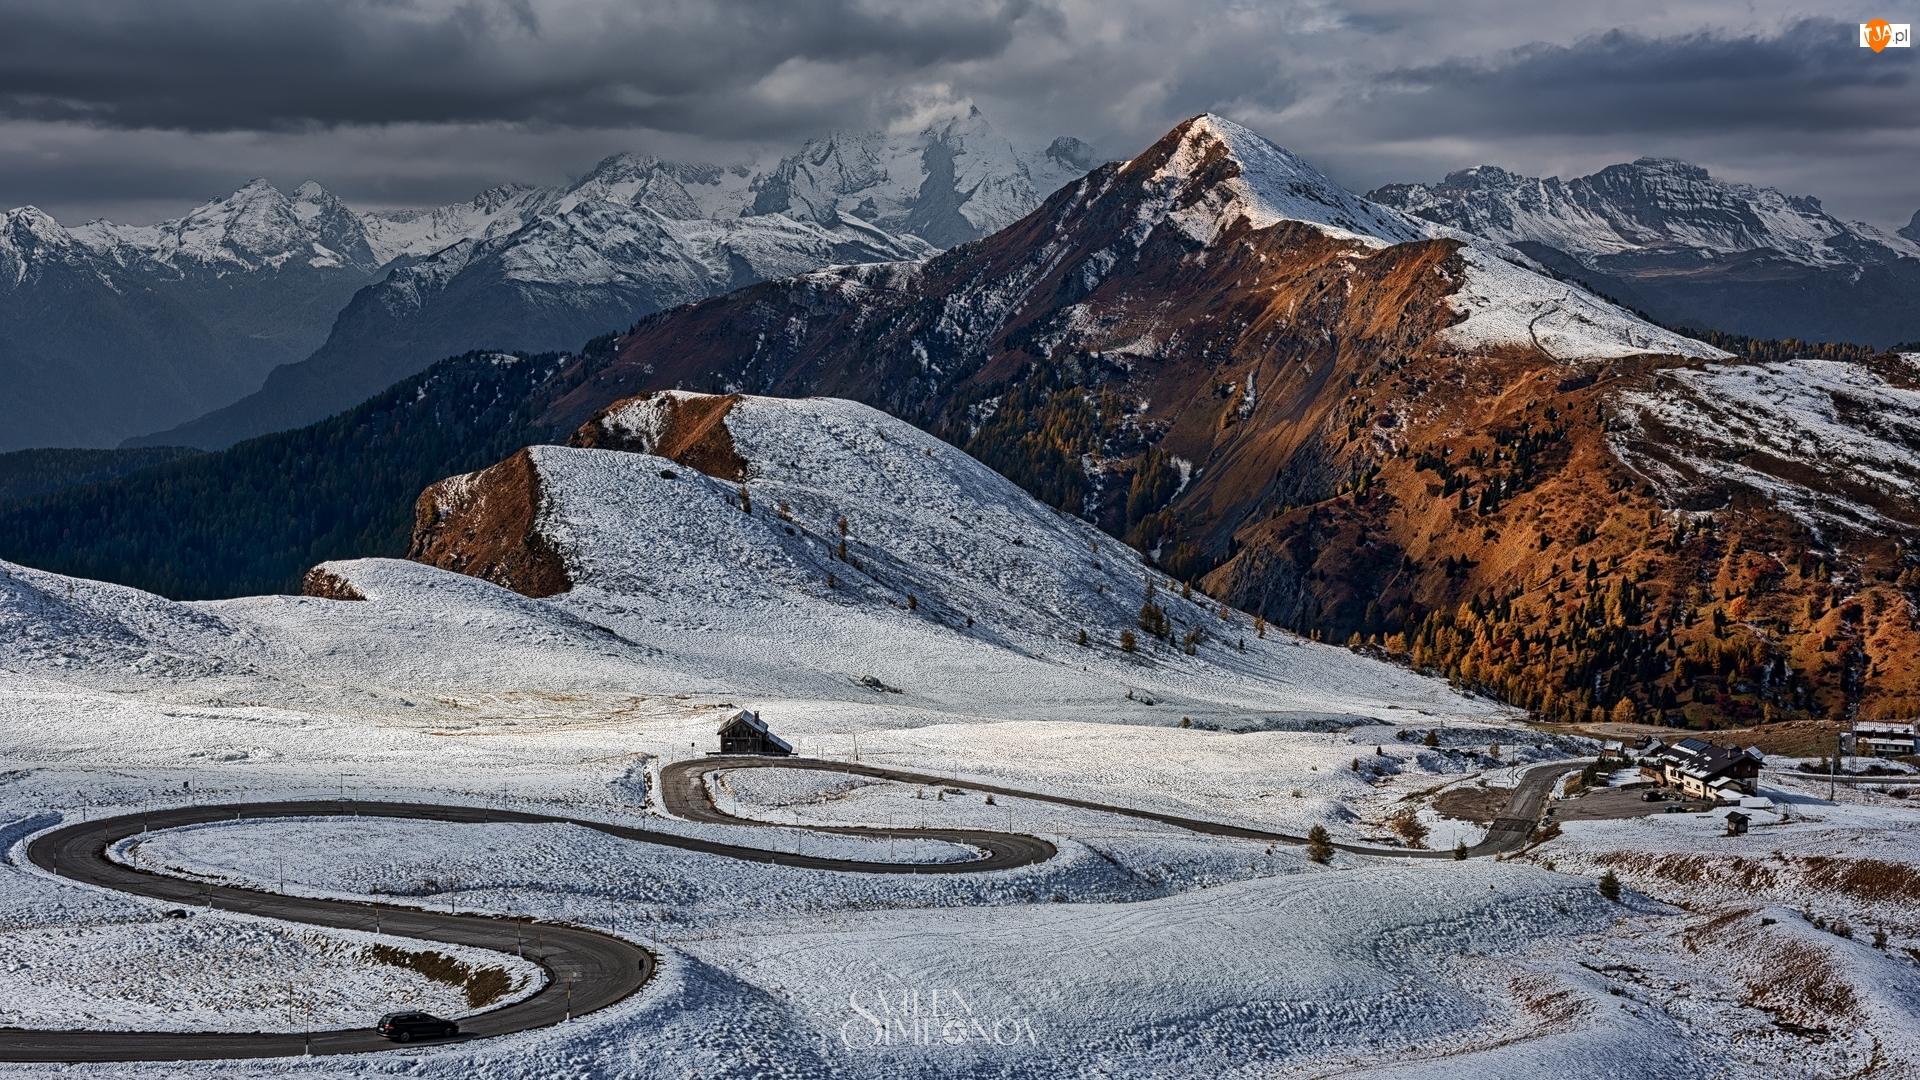 Przełęcz, Włochy, Prowincja Belluno, Zima, Góry, Góry, Droga, Dolomity